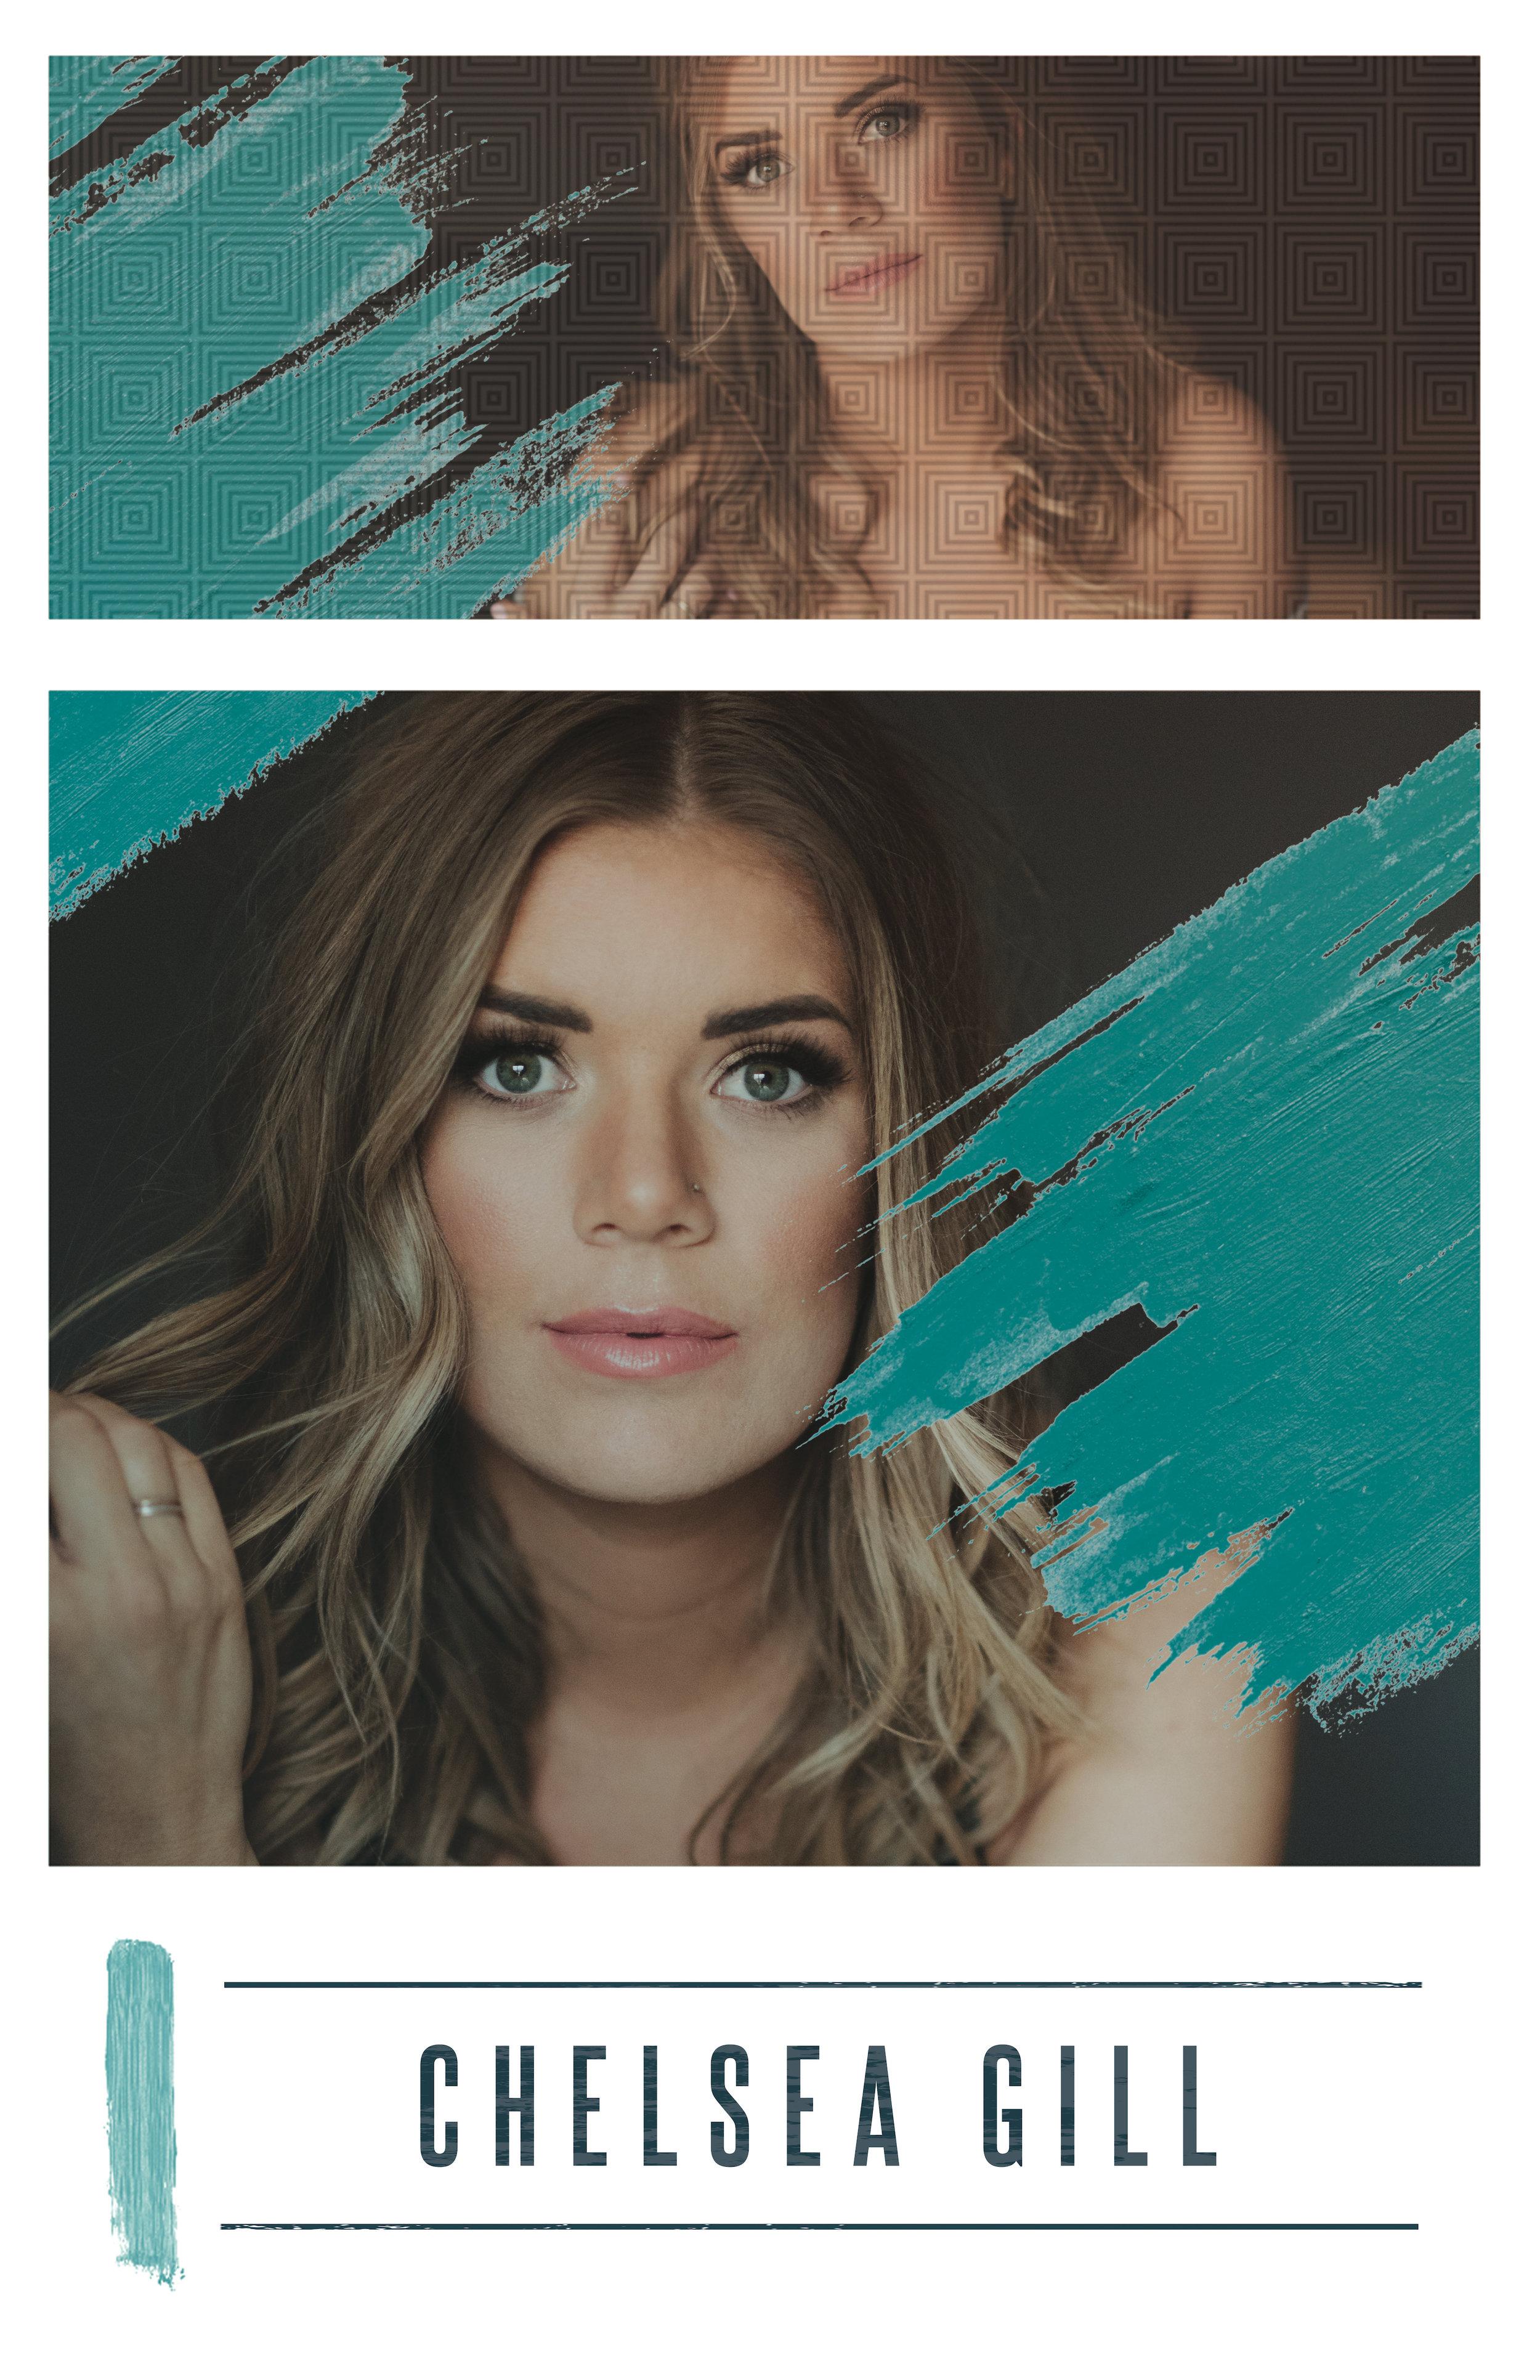 Chelsea Gill - Artist Poster (2019) copy.jpg